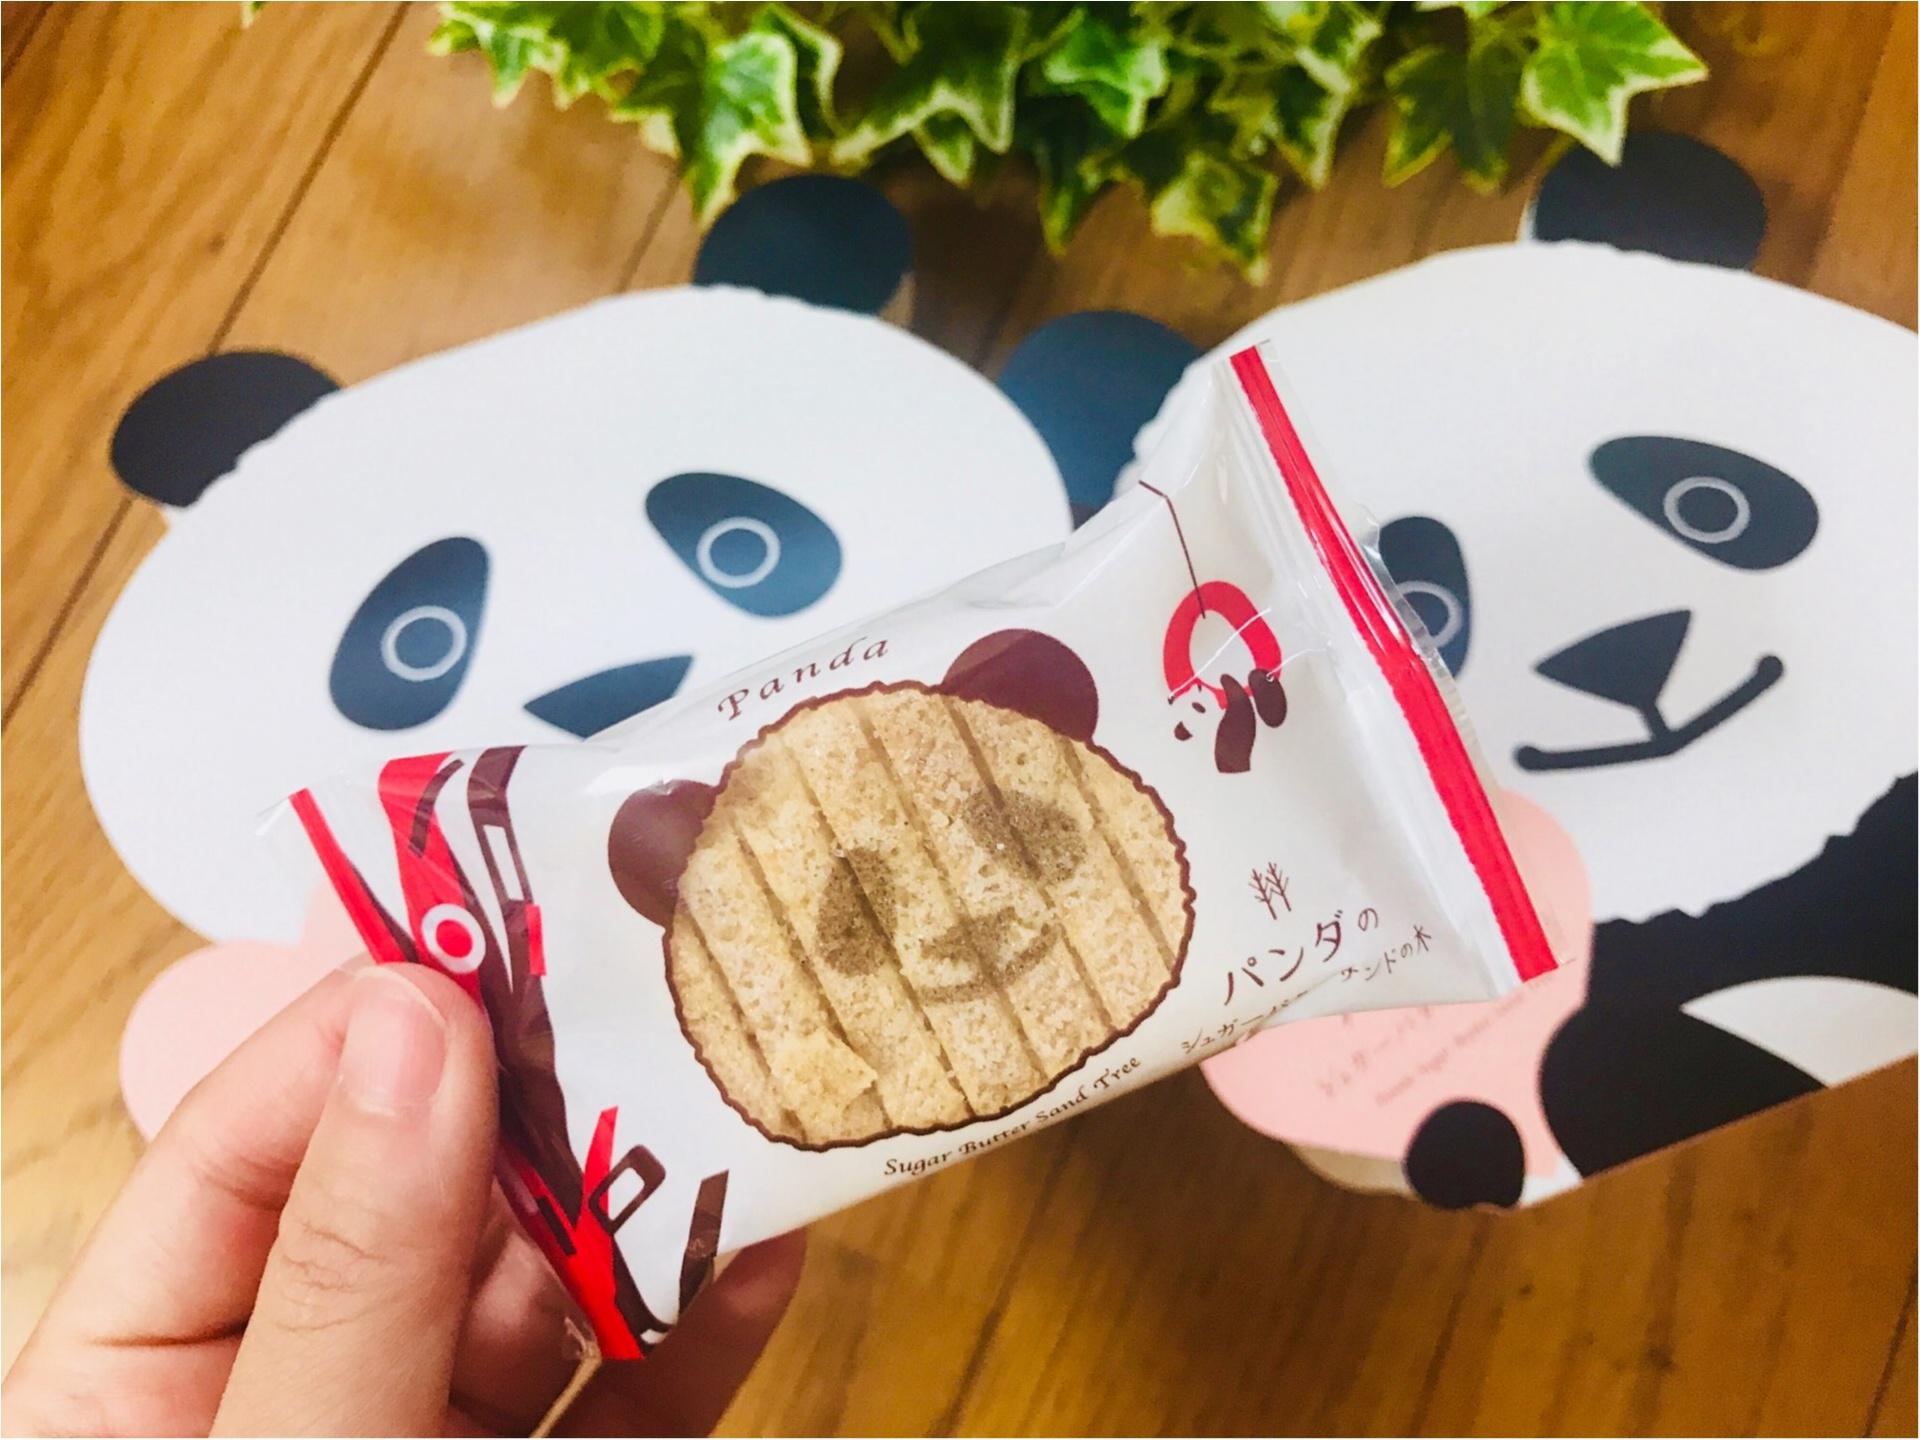 """【帰省土産】はコレで決まり!""""パンダ""""モチーフの《シュガーバターサンドの木》♡_2"""